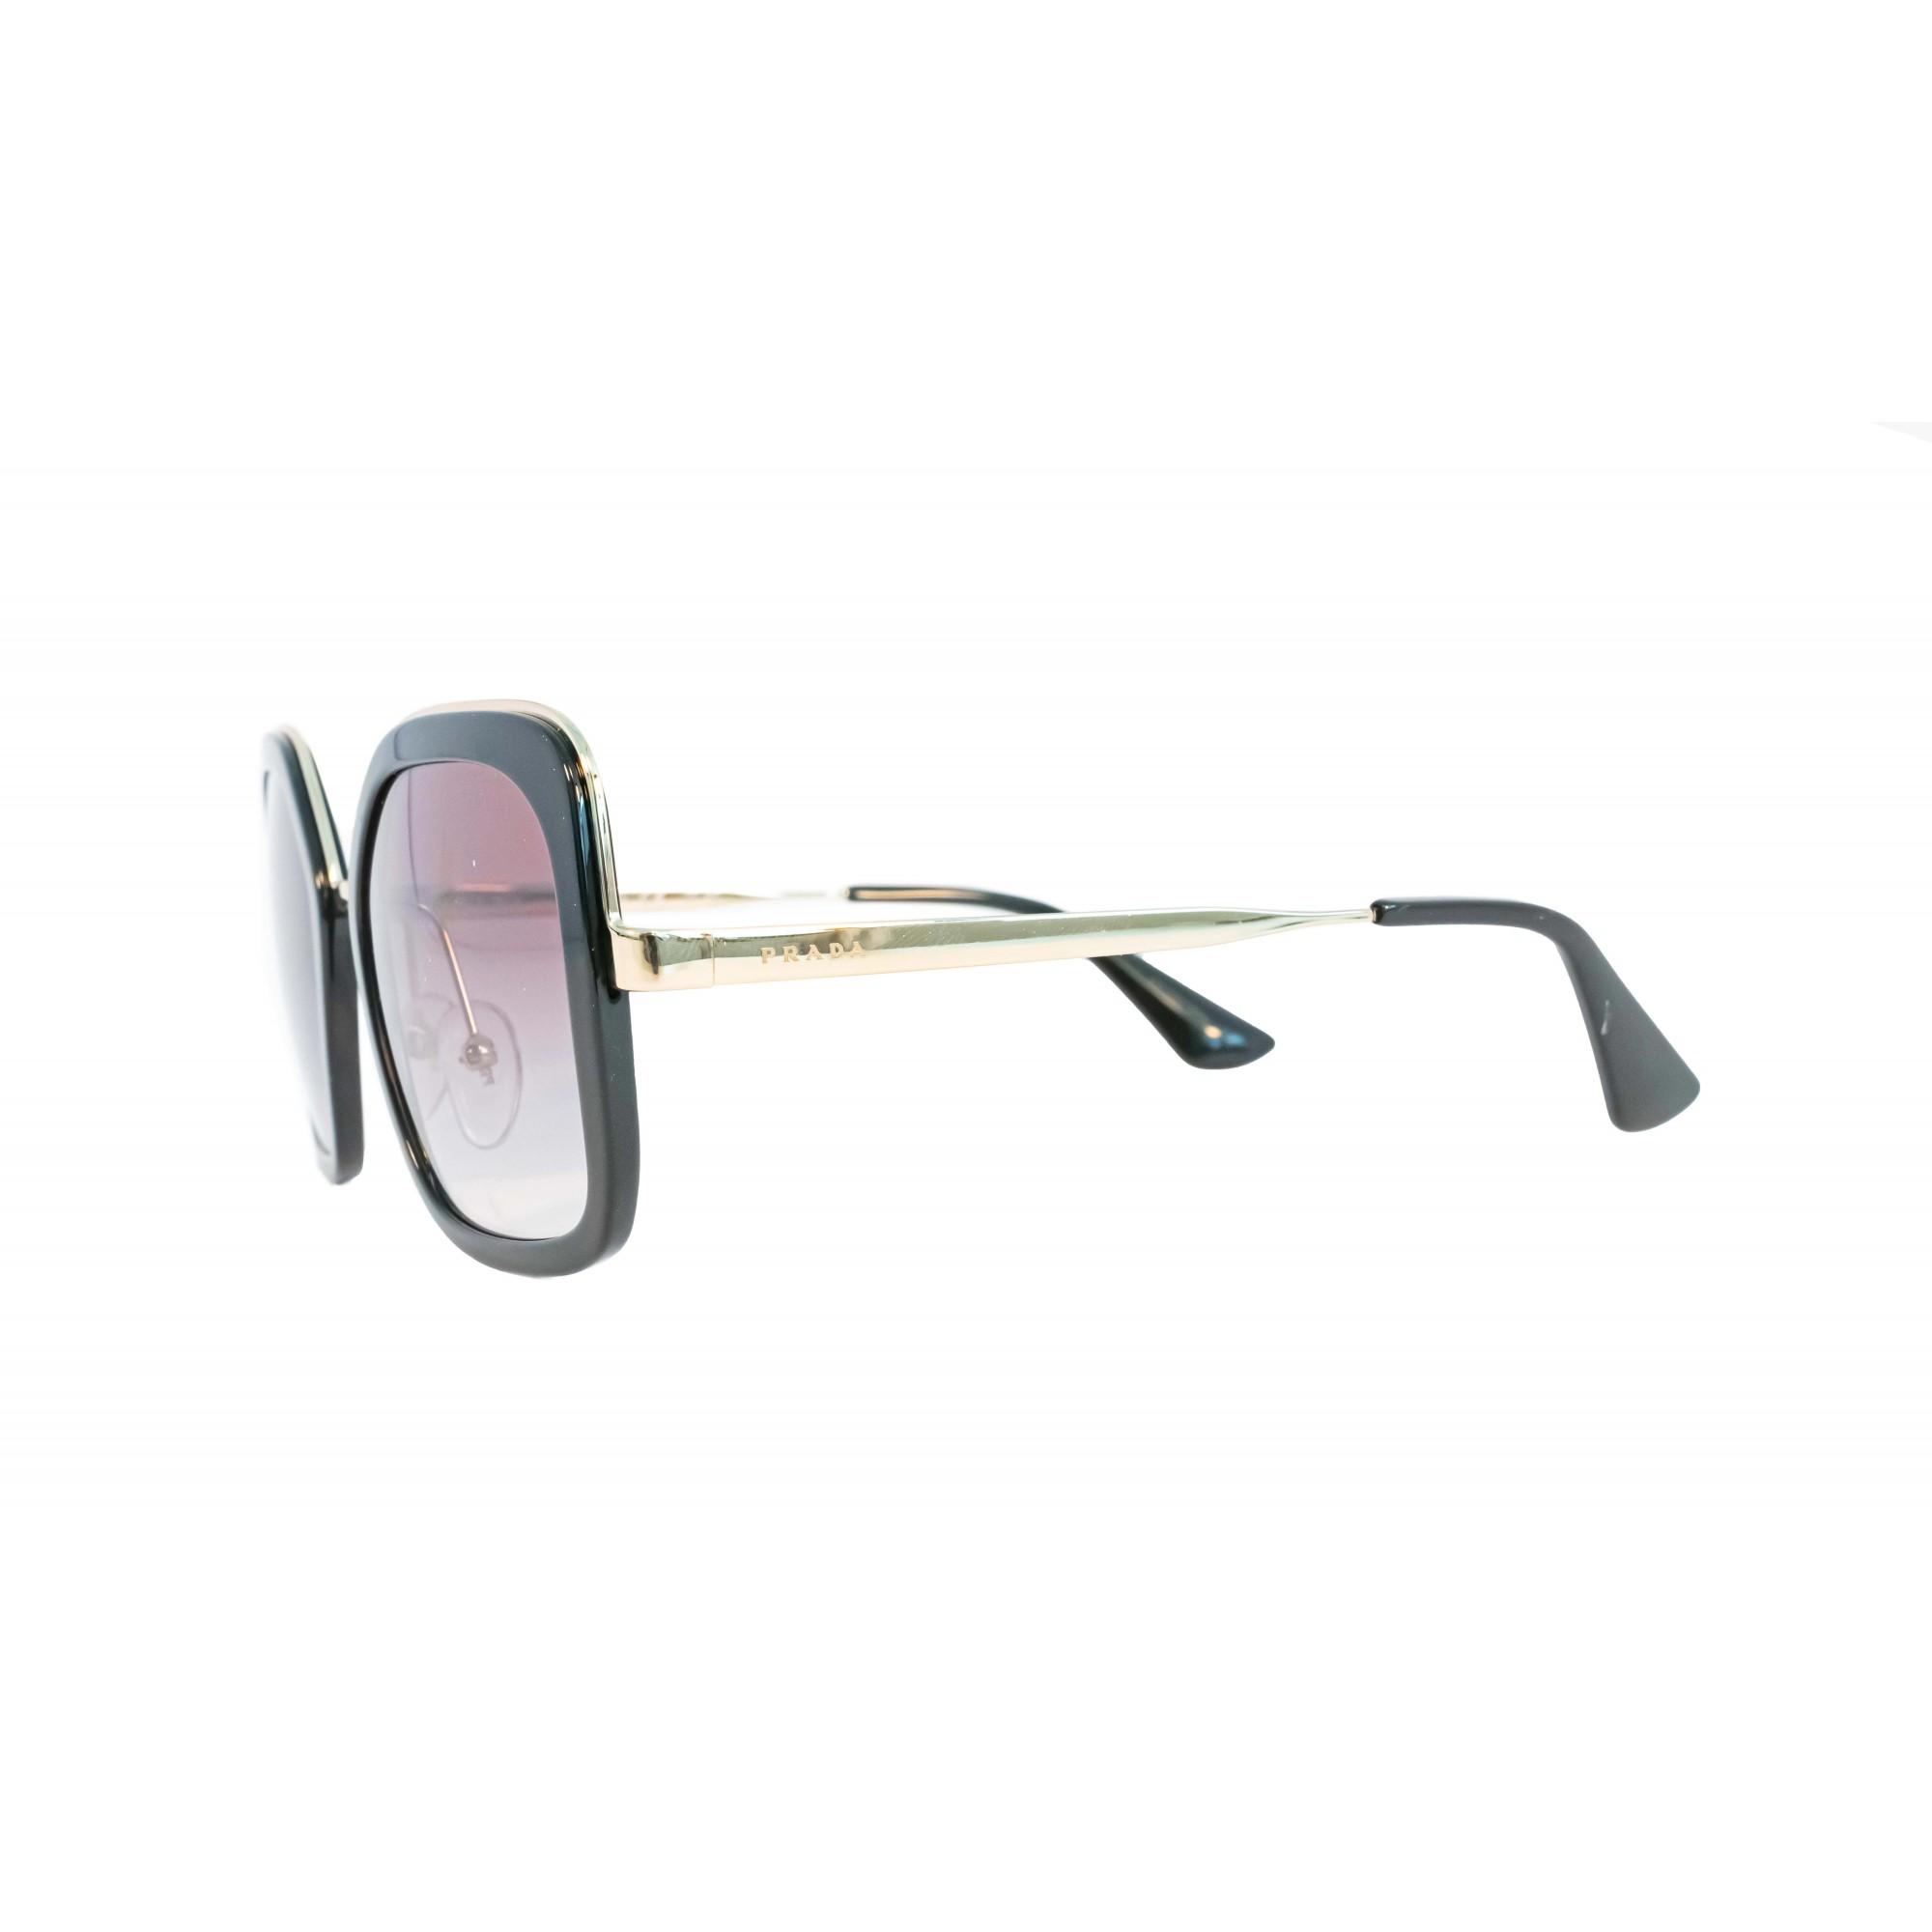 Óculos Prada Quadrado Spr57u 1ab0a7 54 Preto